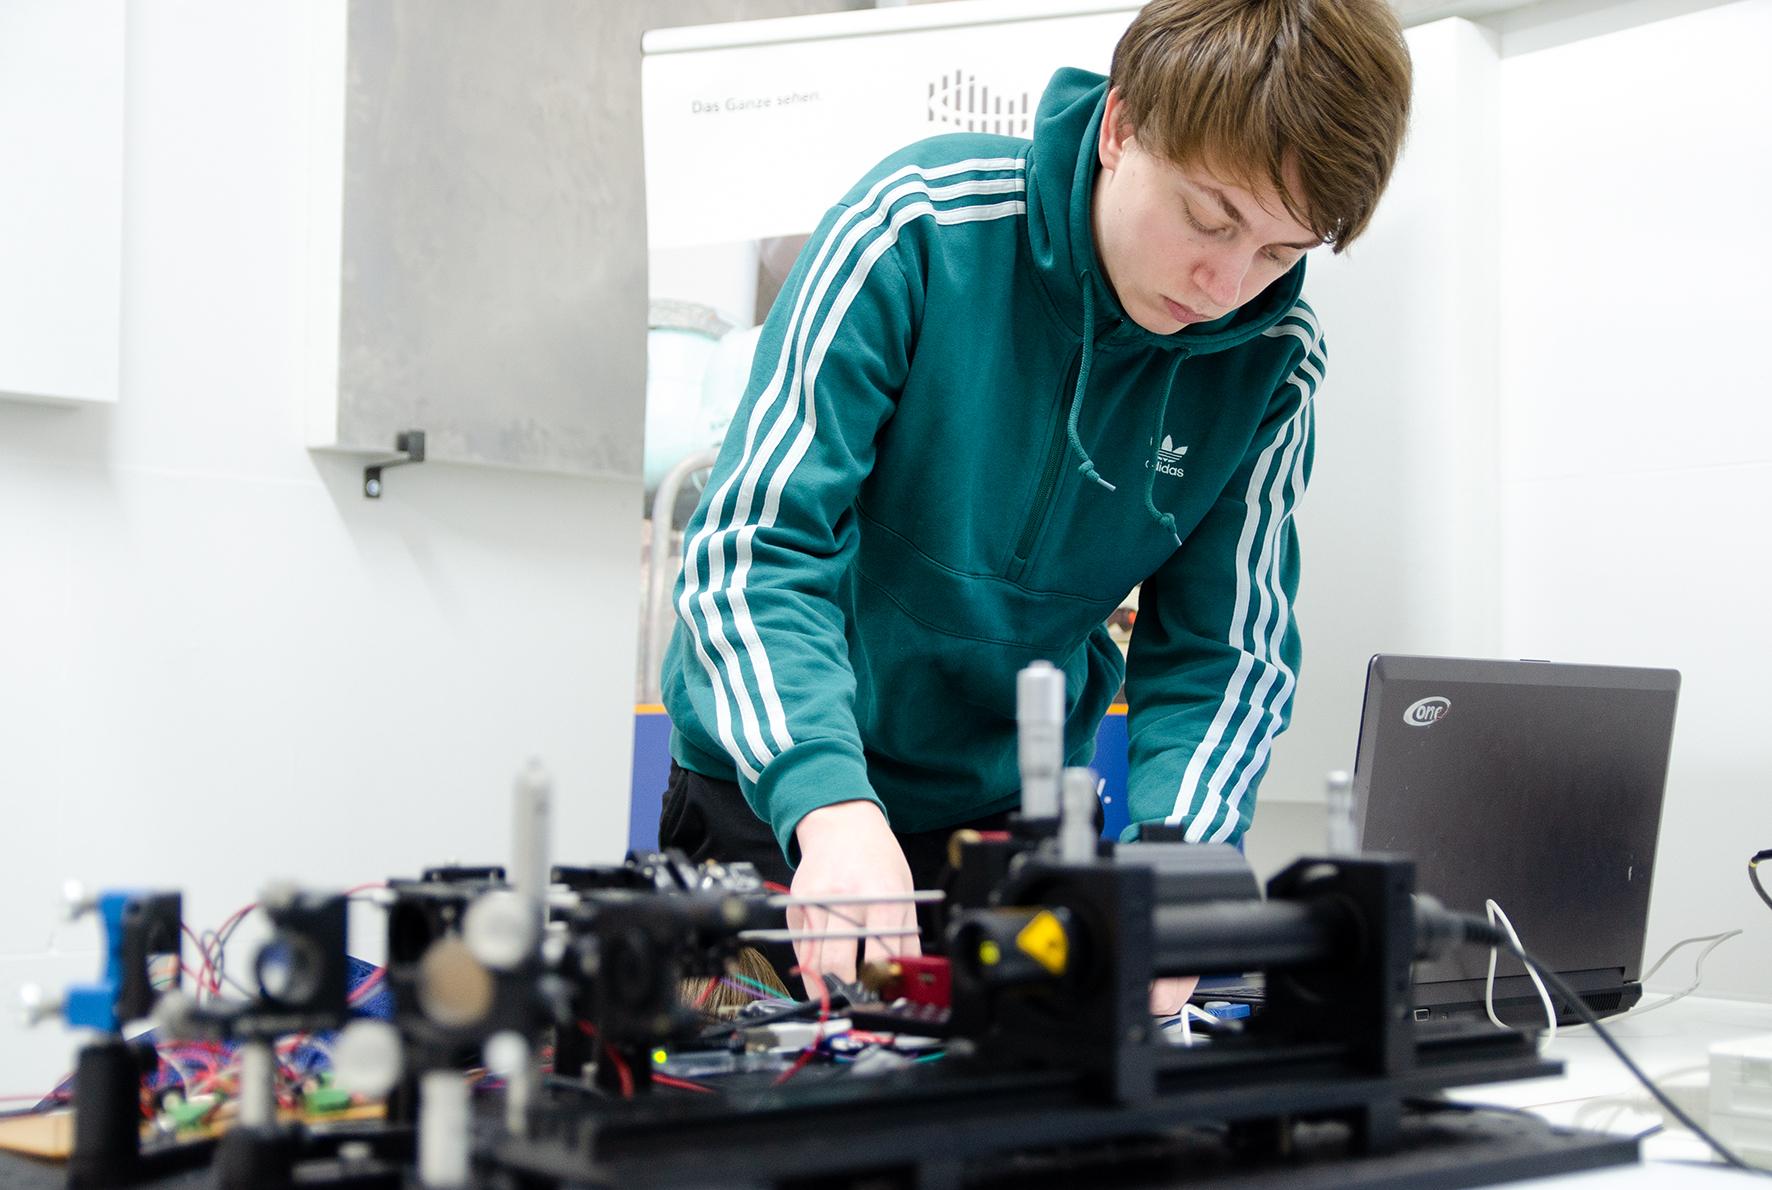 Student konzentriert sich und arbeitet am Laser-Vibrometer